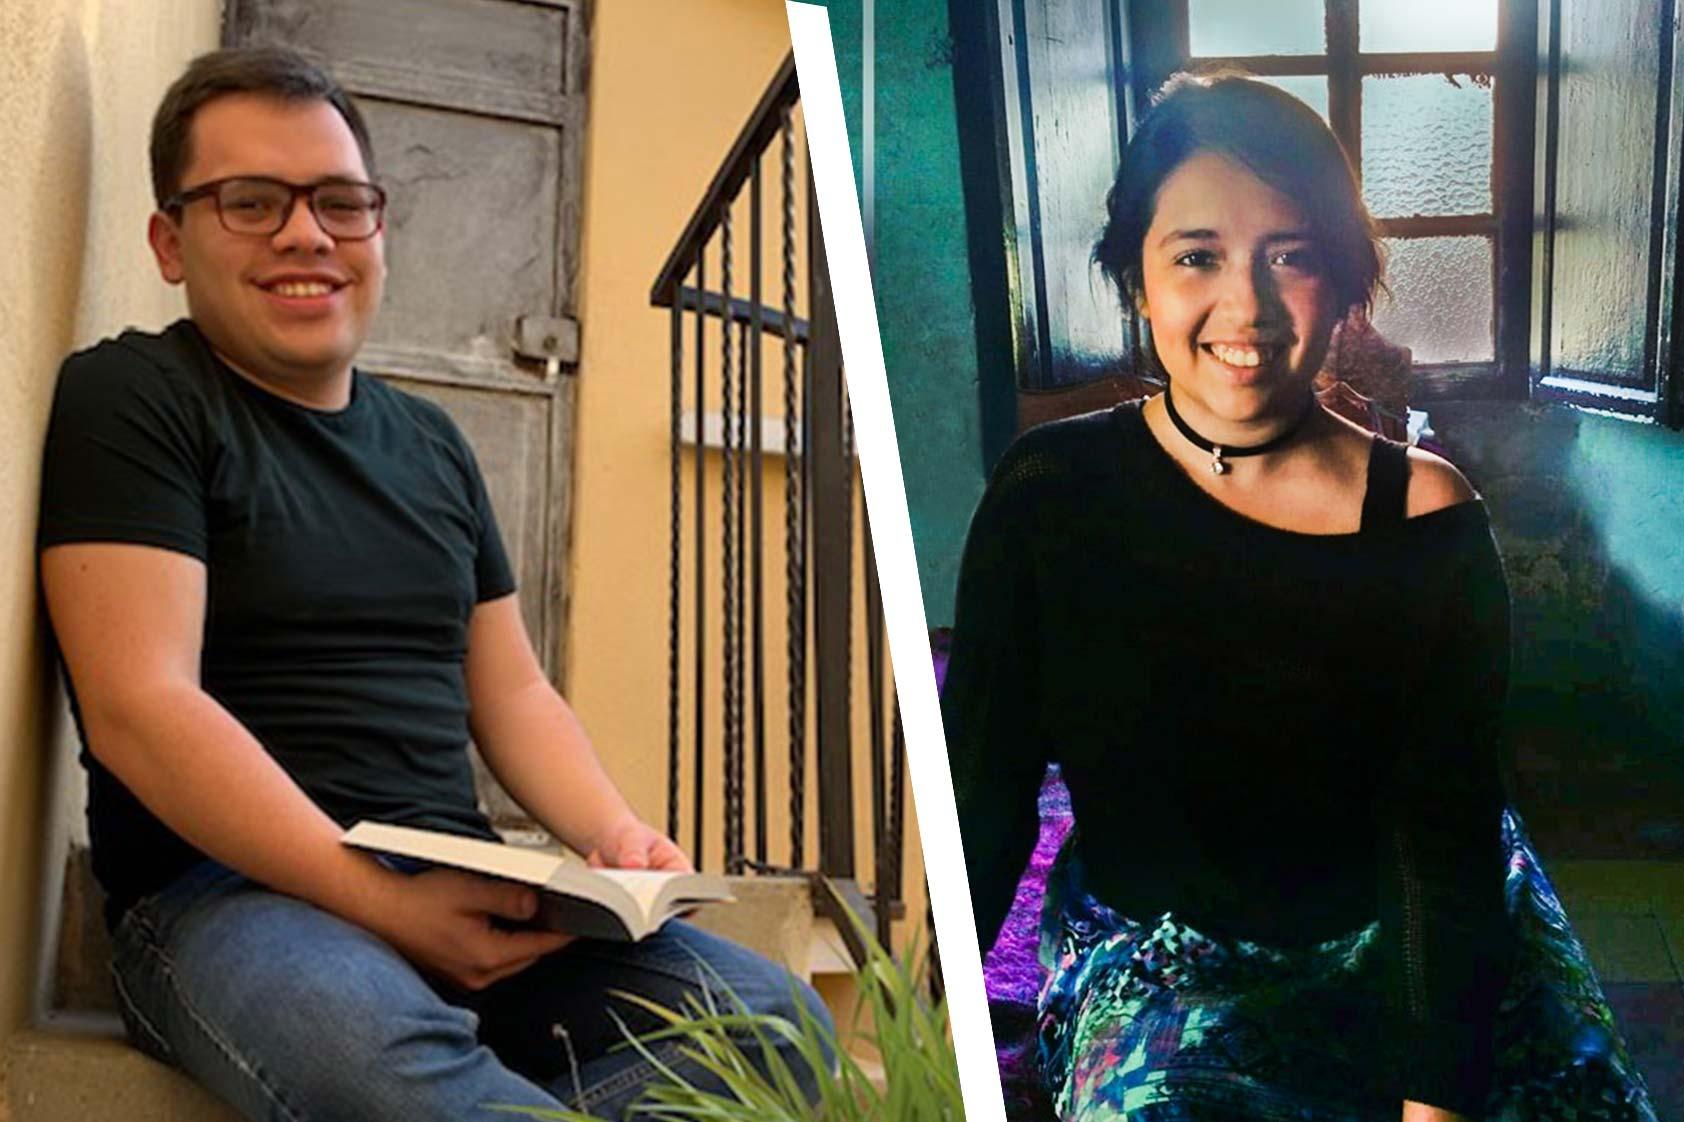 Estudiantes de Comunicación publicados en el extranjero